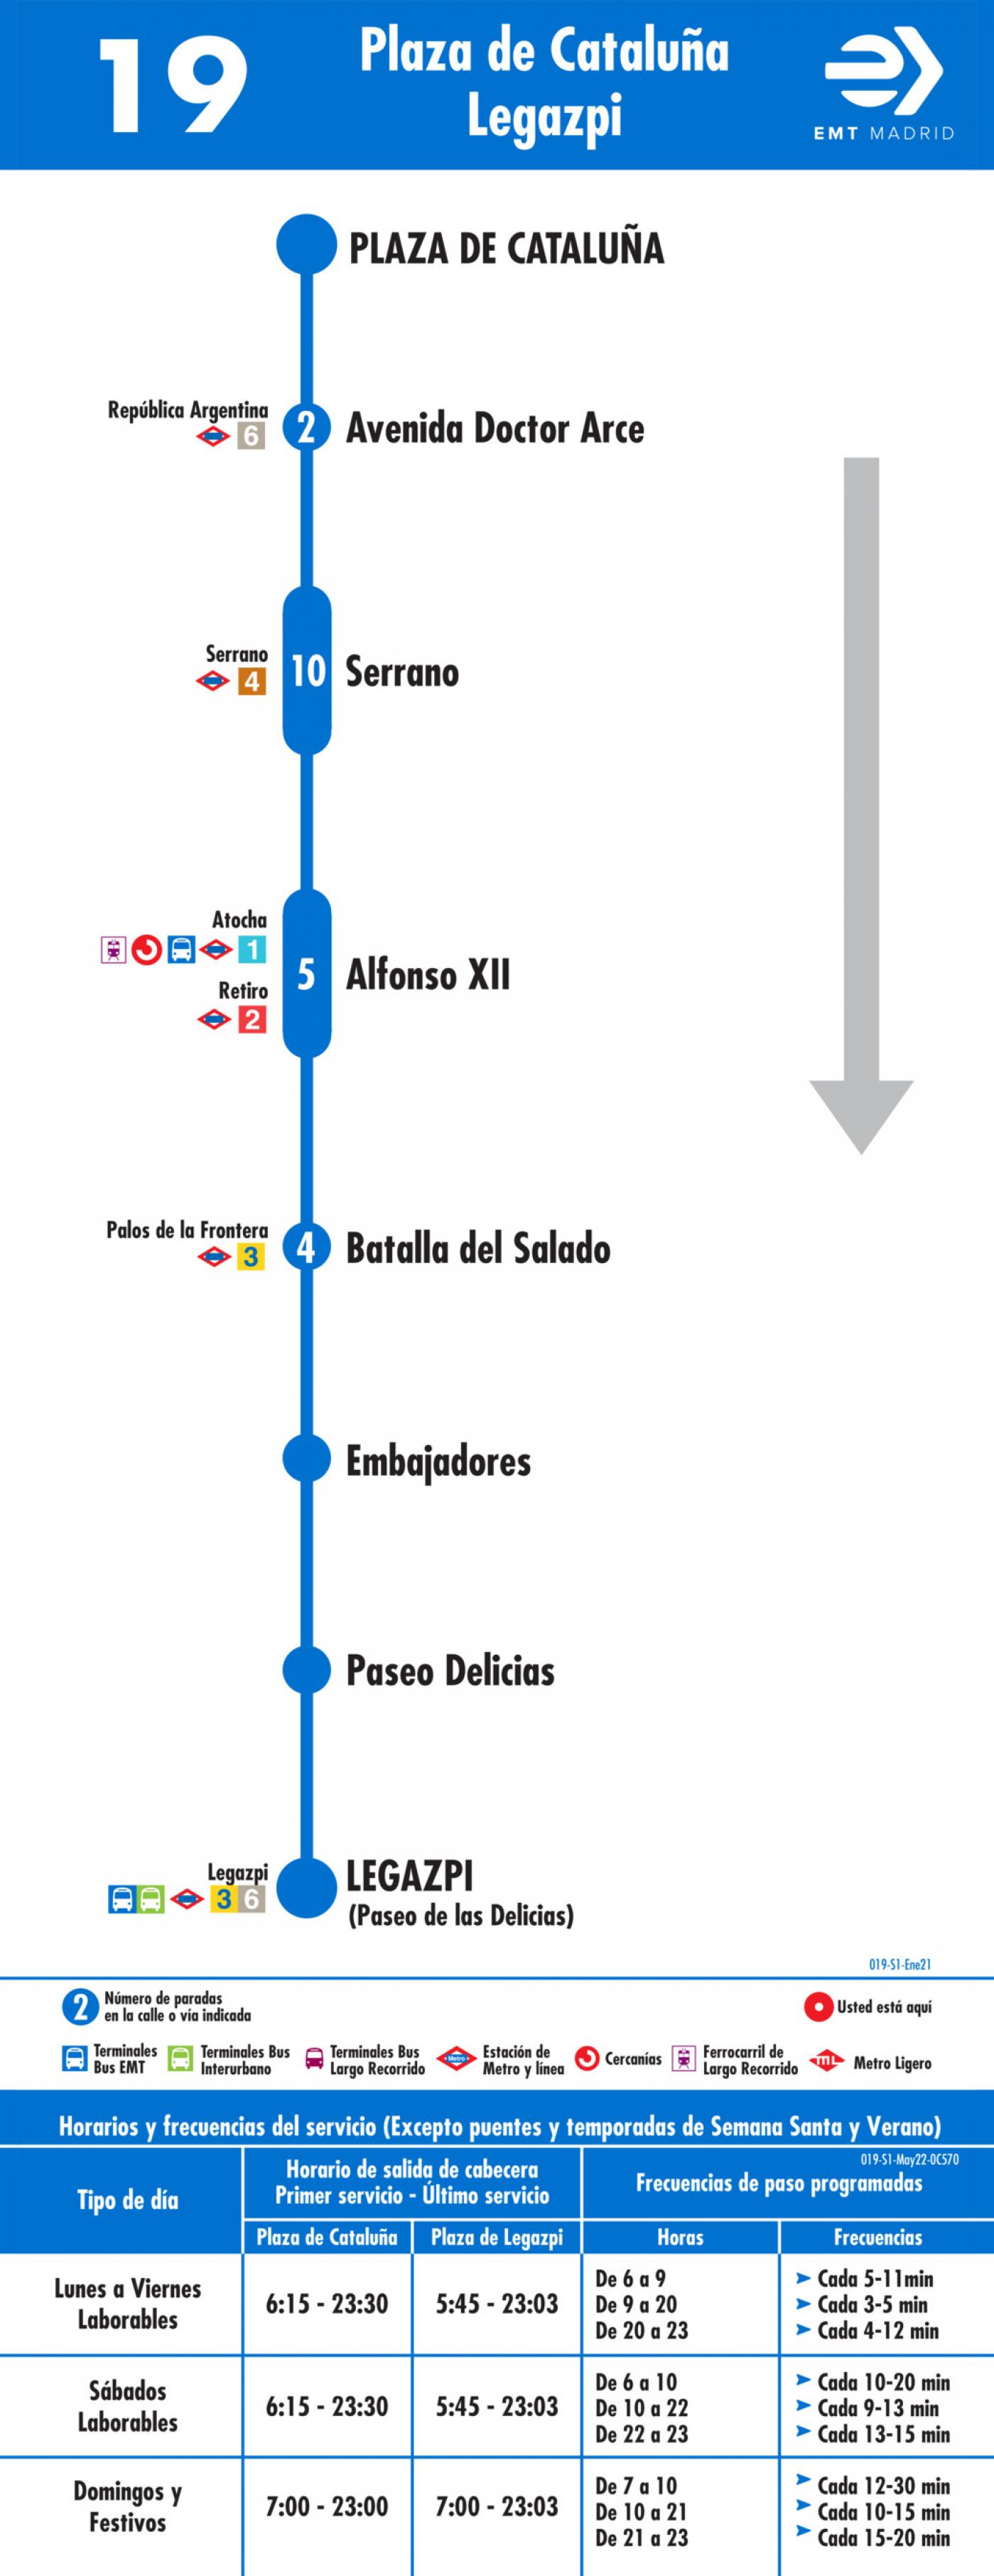 Tabla de horarios y frecuencias de paso en sentido ida Línea 19: Plaza de Cataluña - Plaza de Legazpi